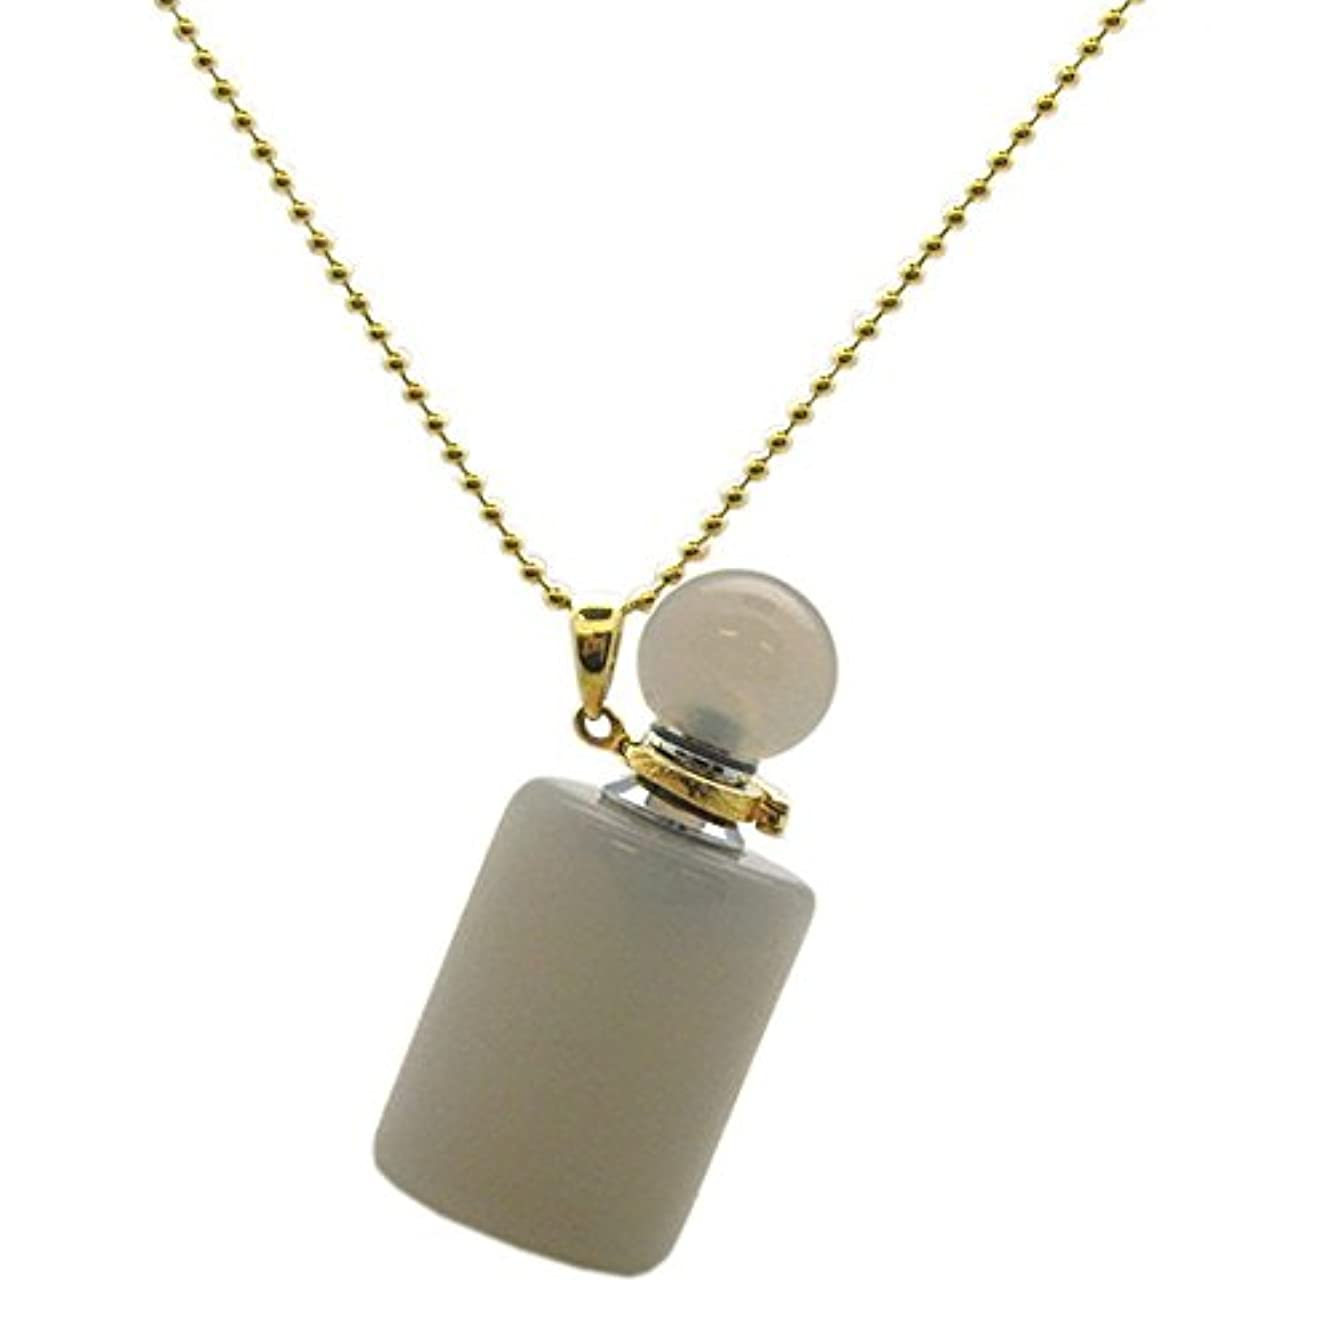 剥ぎ取る統治可能潜むケイトAvenue Gold over Sterling Silver Gemstone Aromatherapy Essential Oil Diffuserネックレス、香水とMosquito Repellentネックレス...